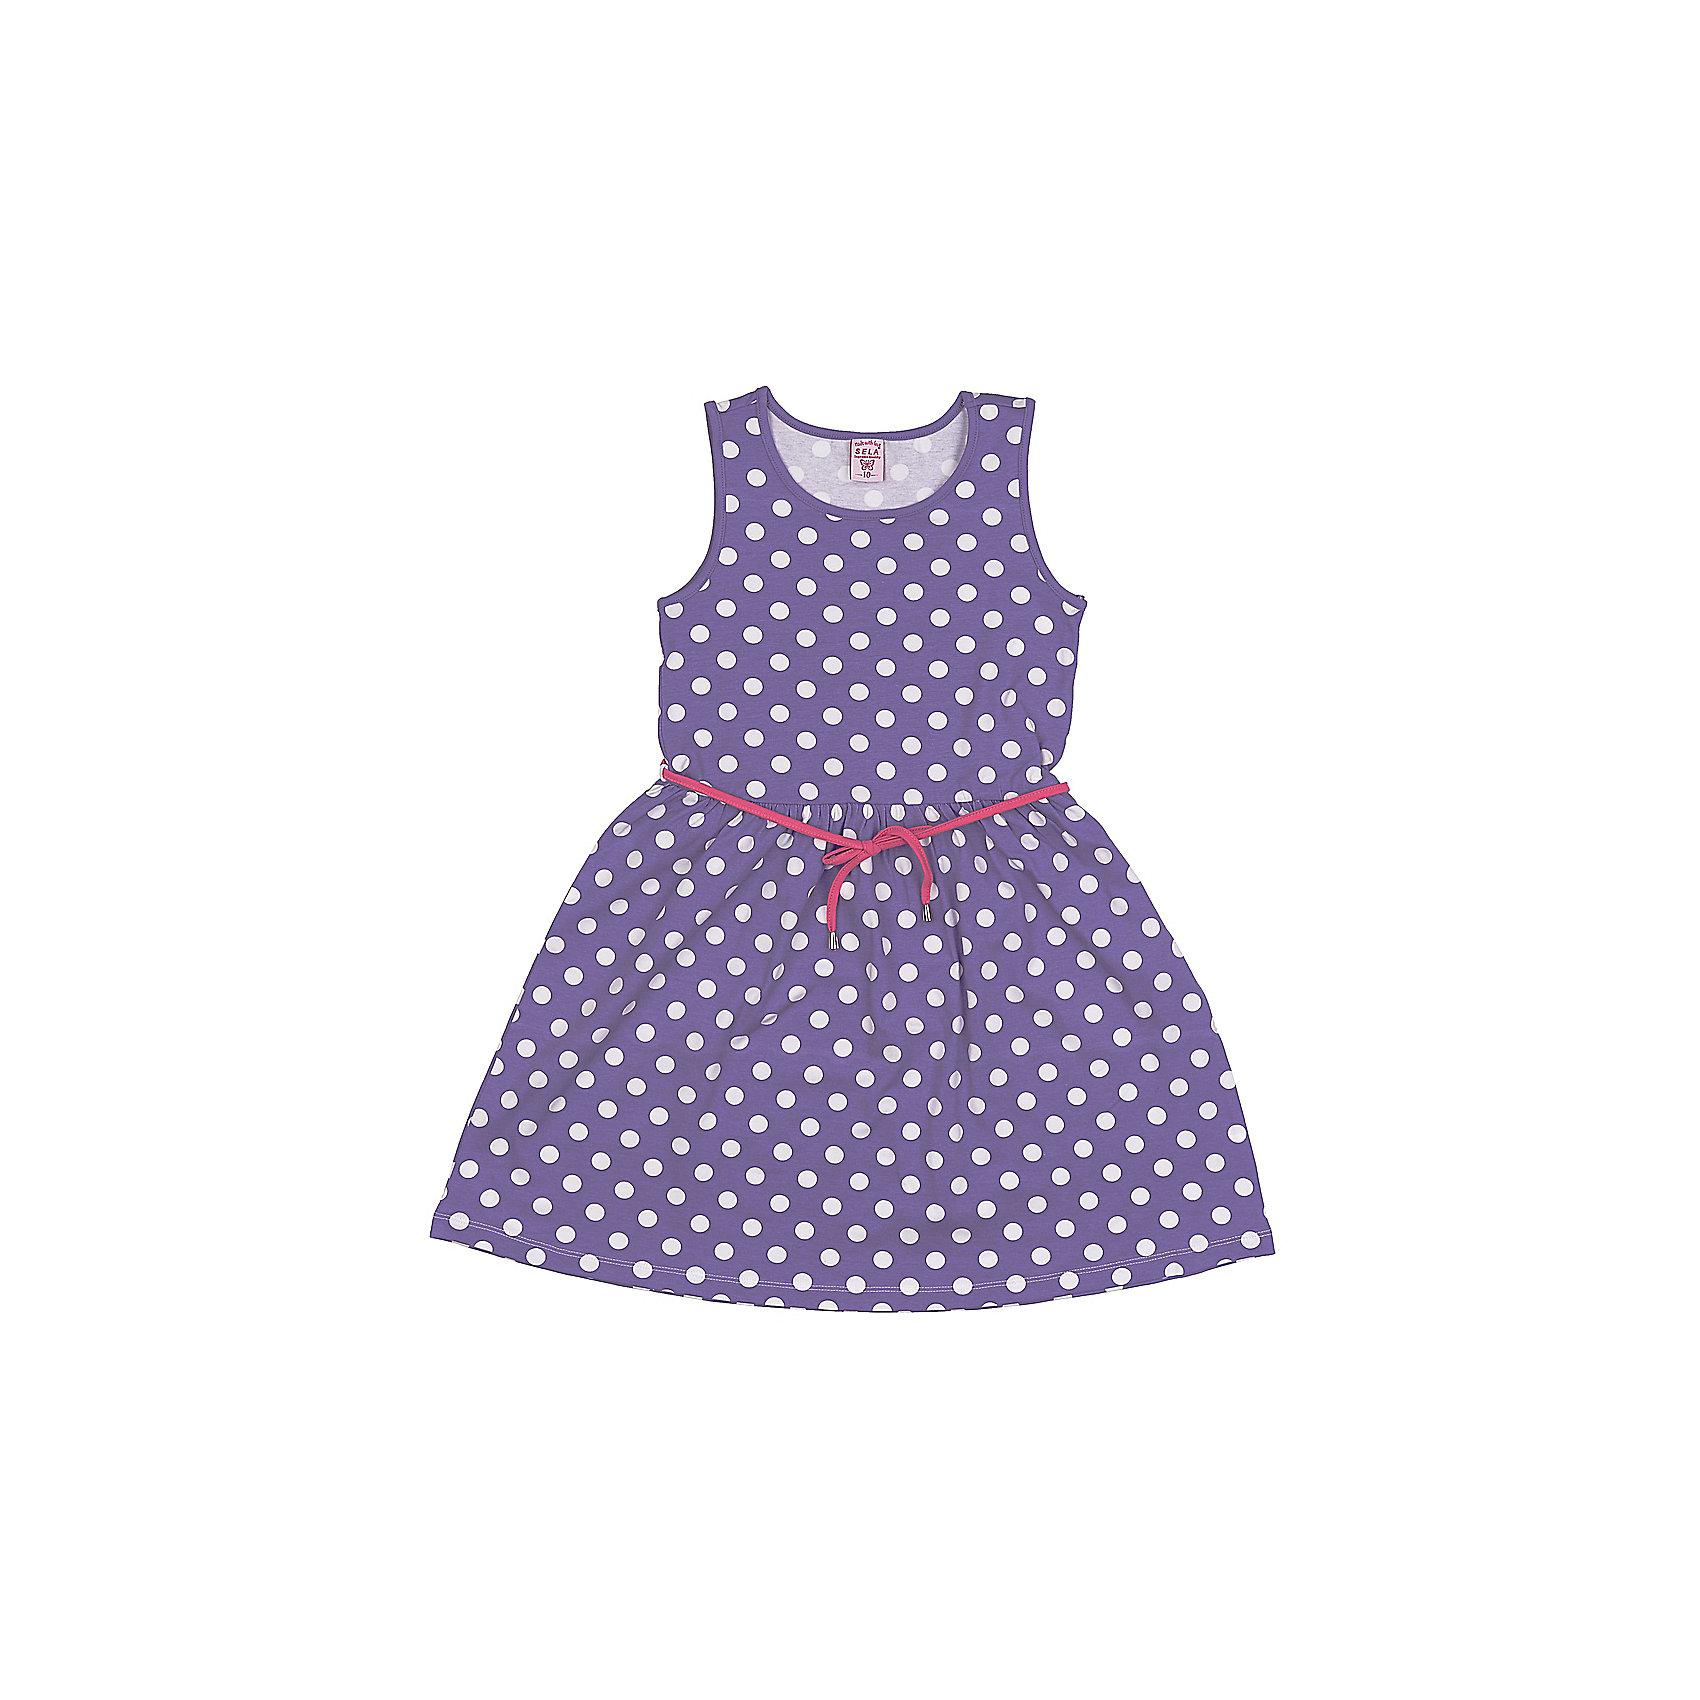 SELA Платье для девочки SELA девочки shoulderless длинный платье подростковый вечерние официальные платья светло фиолетовый